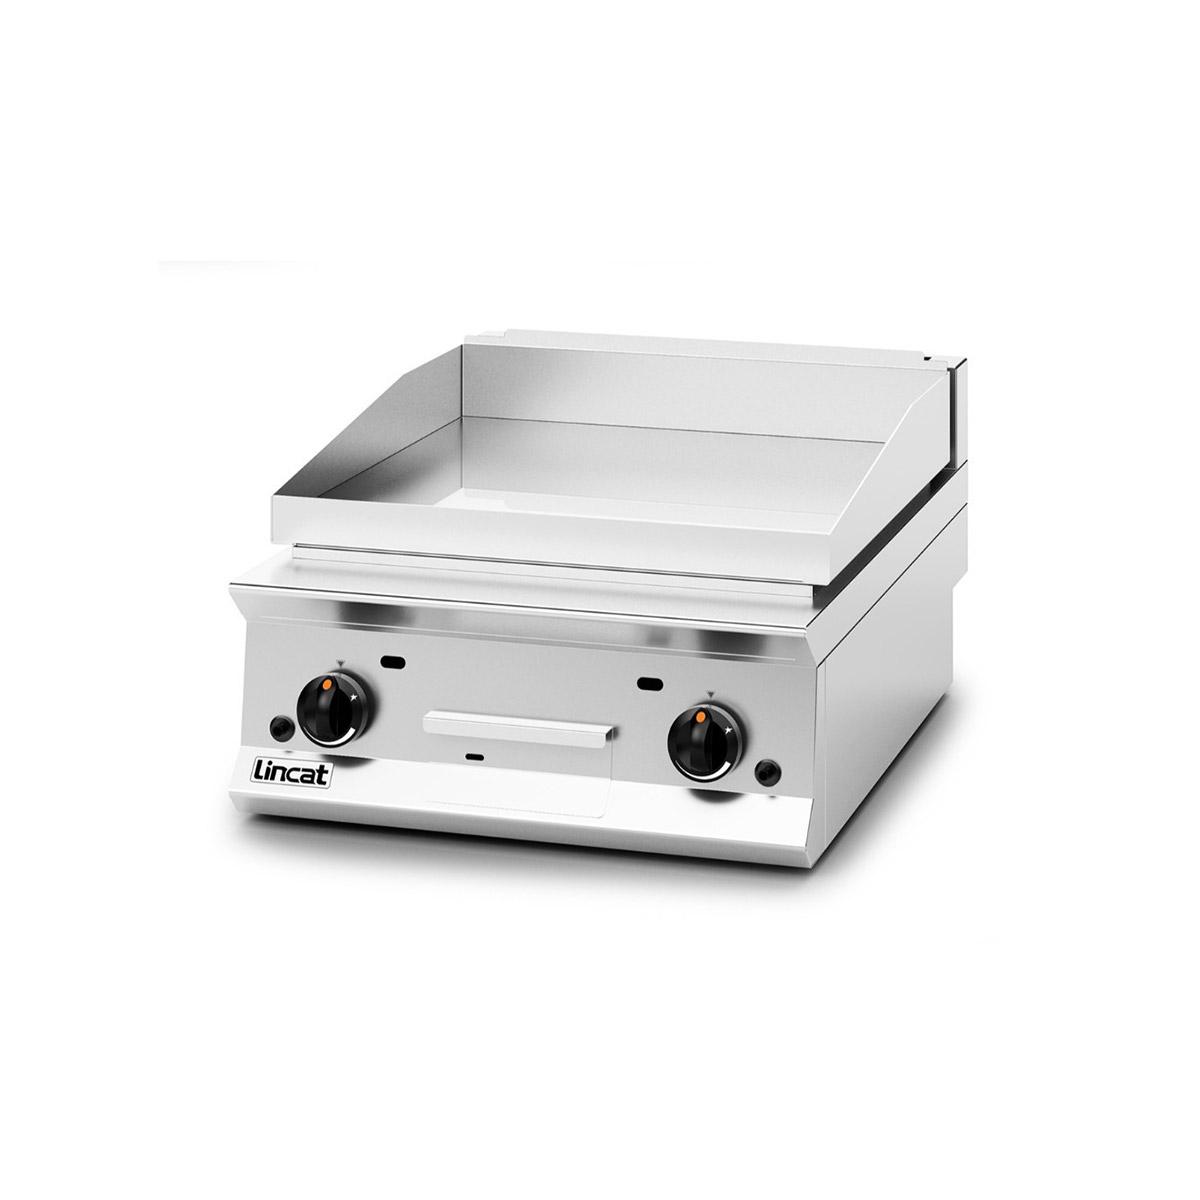 Lincat Opus 800 Chrome Plate Gas Griddle Model: OG8201/C/N (Natural Gas)